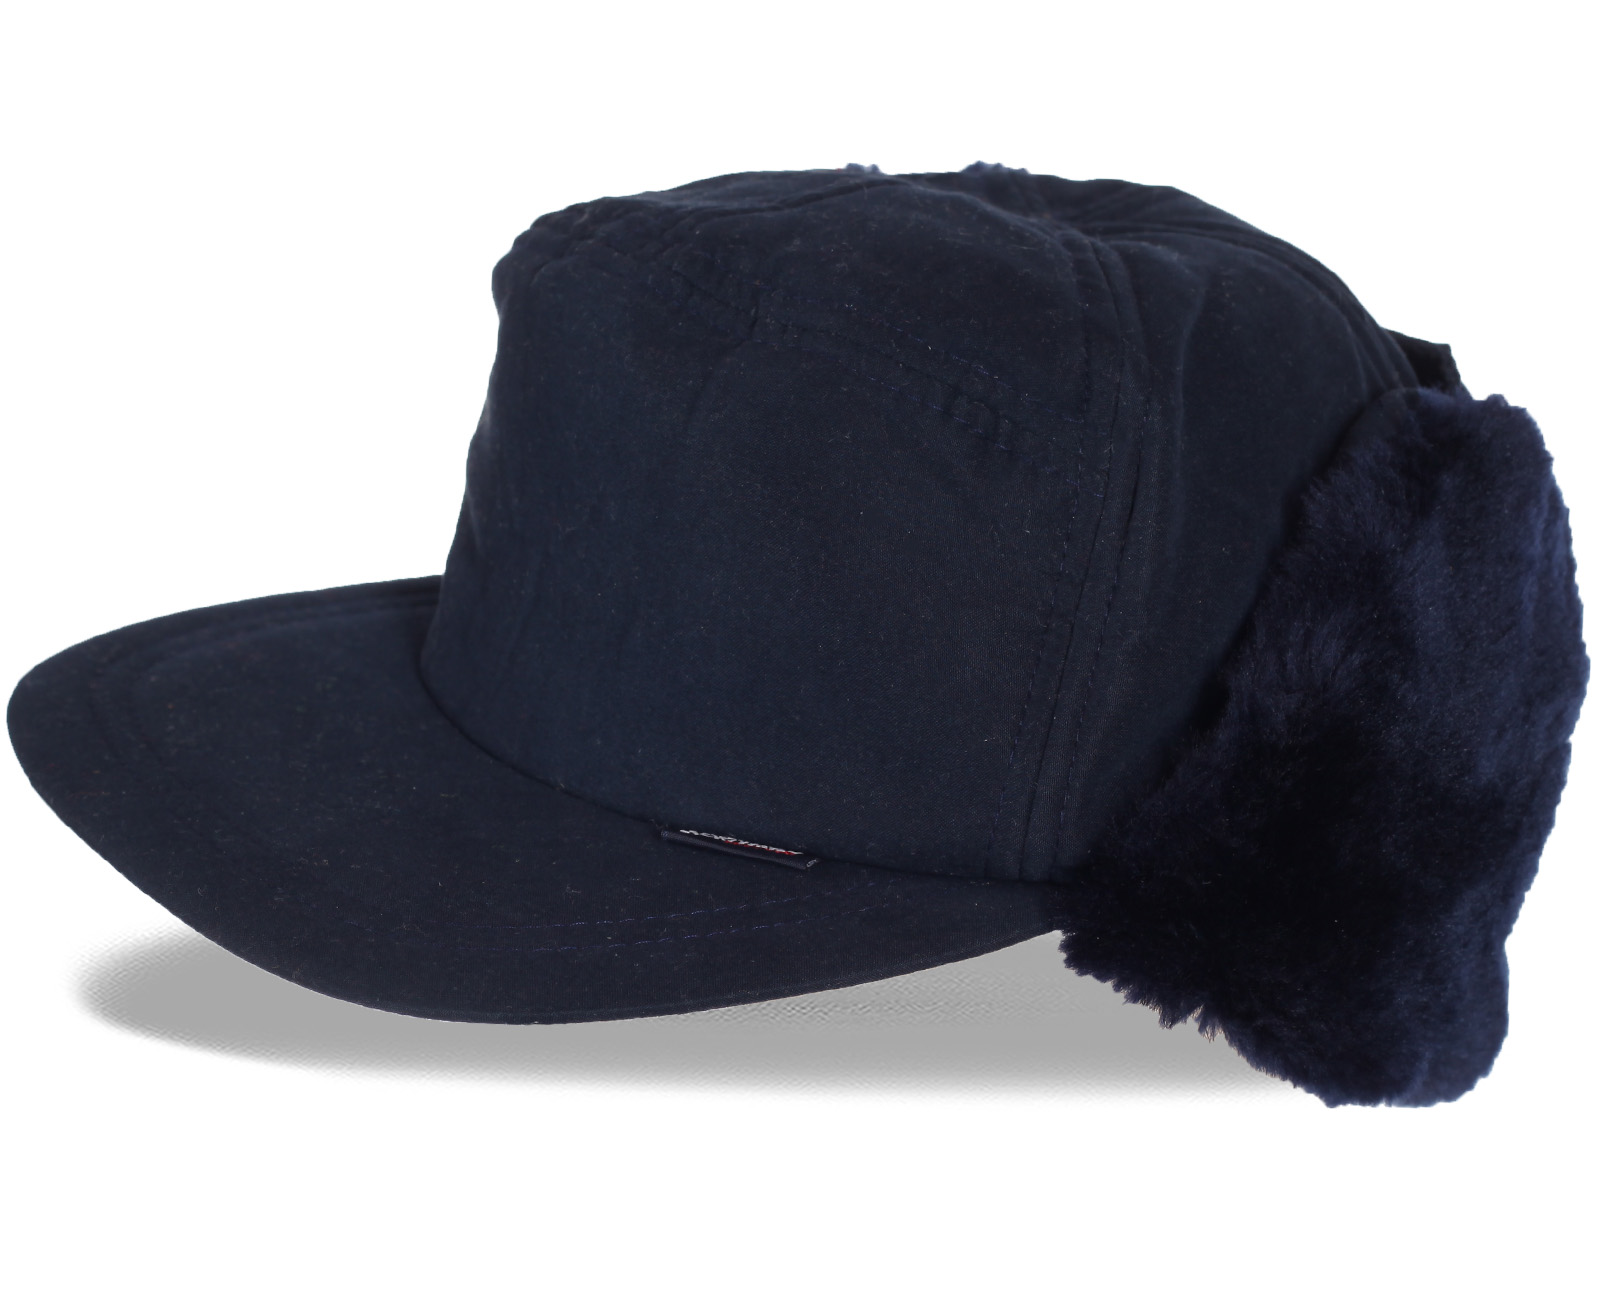 Уникальная мужская шапка с козырьком и меховыми ушами. Приобретите по супер низкой цене и создай свой незабываемый образ